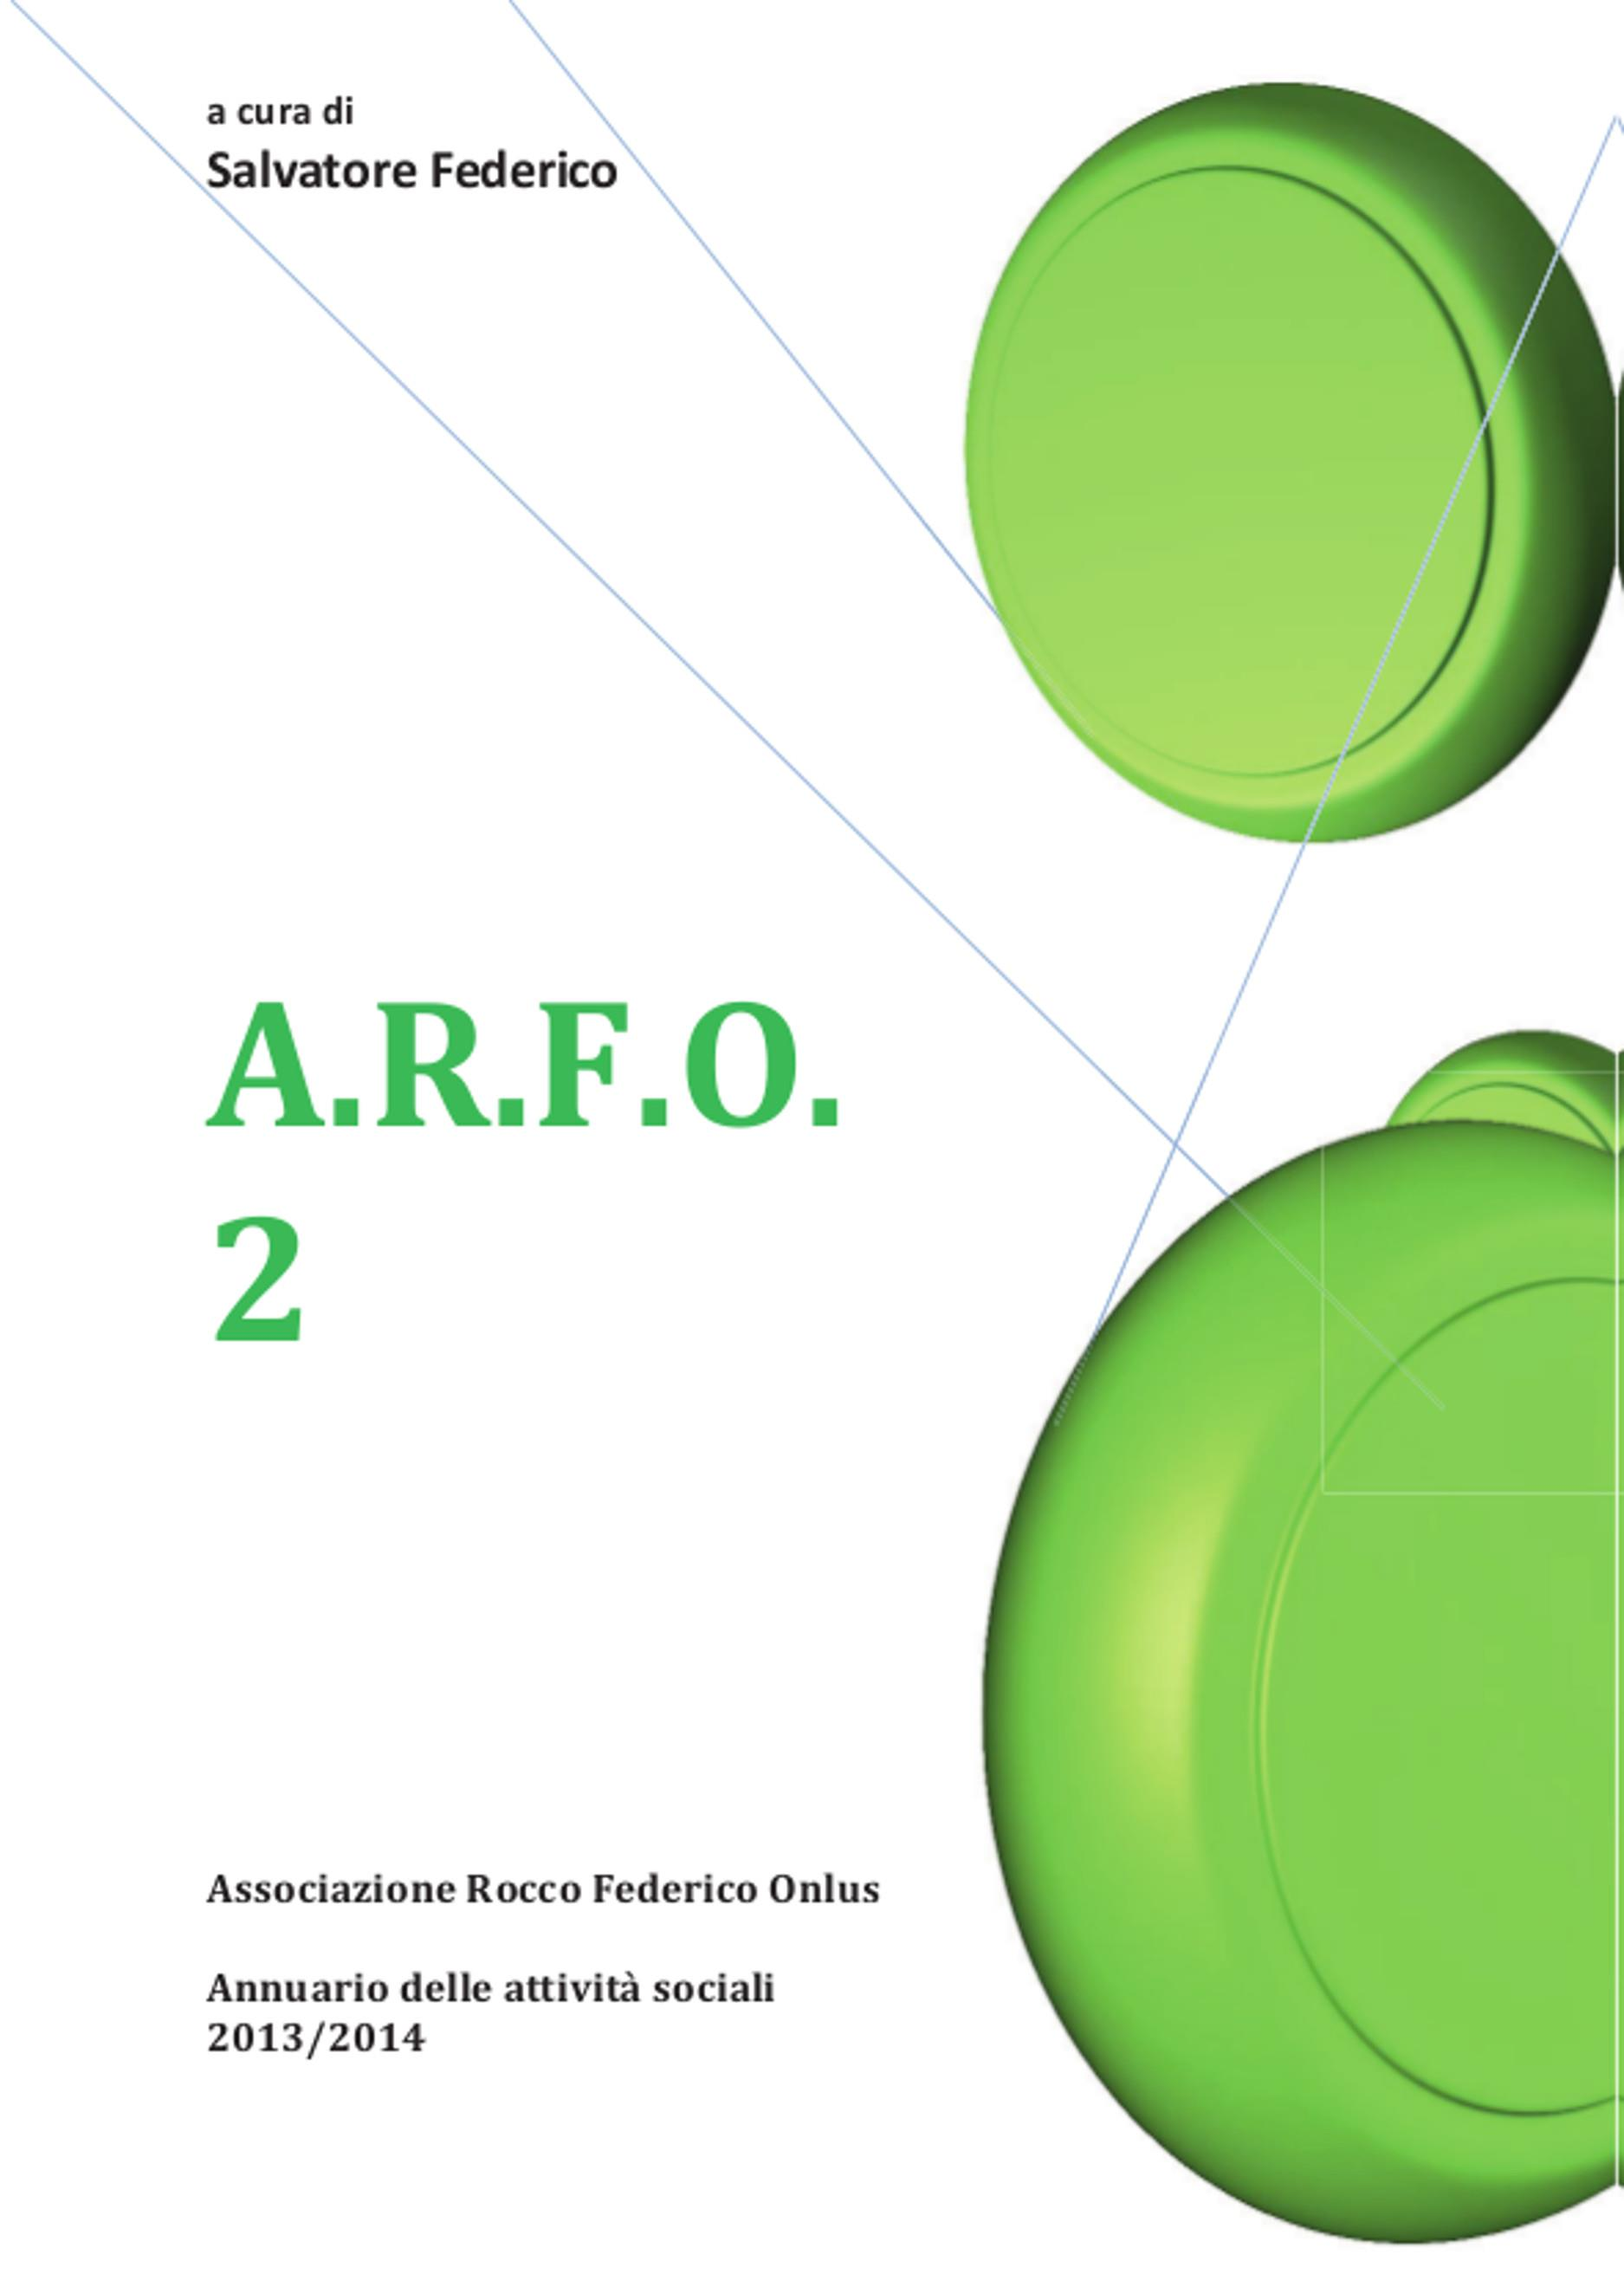 A.r.f.o. 2